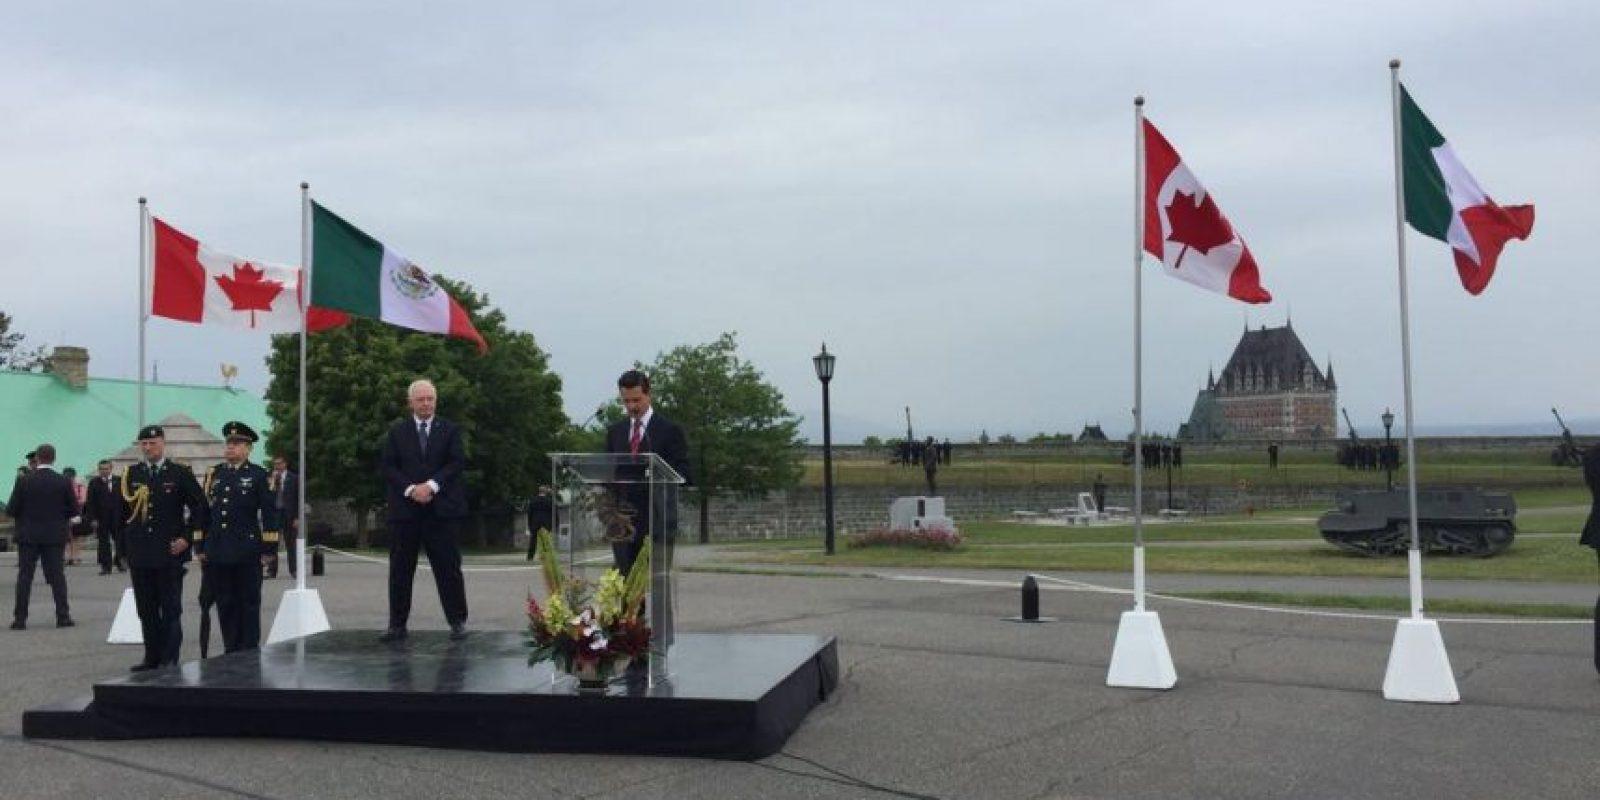 El presidente Enrique Peña Nieto reconoció los lazos que unen a México y Canadá Foto:@PresidenciaMX